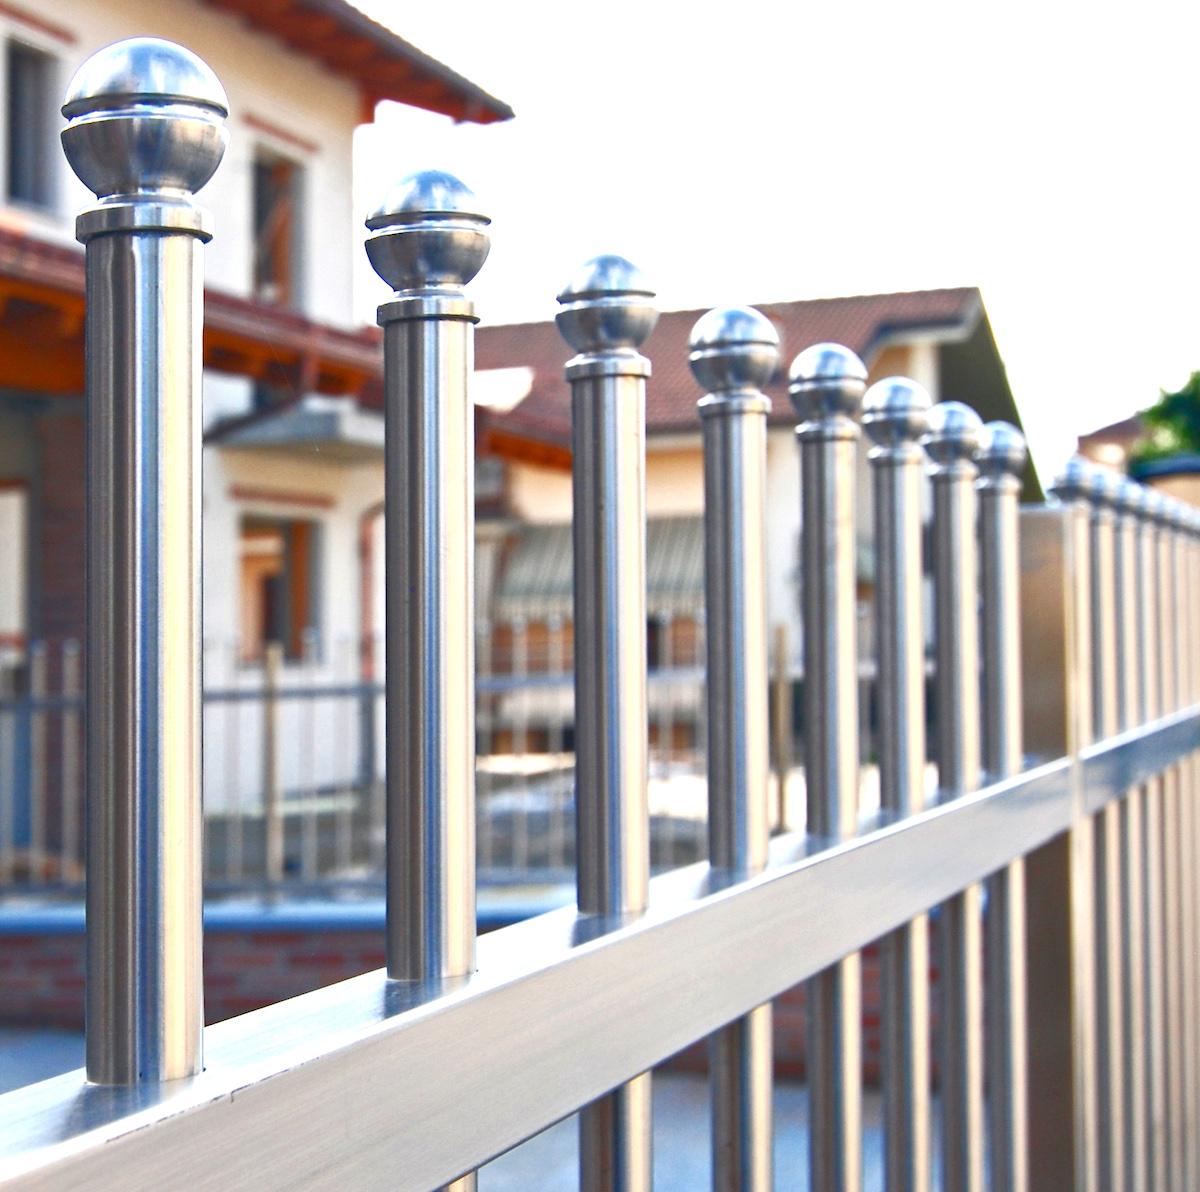 Recinzioni casa with recinzioni villette for Idee di recinzione per case in stile coloniale